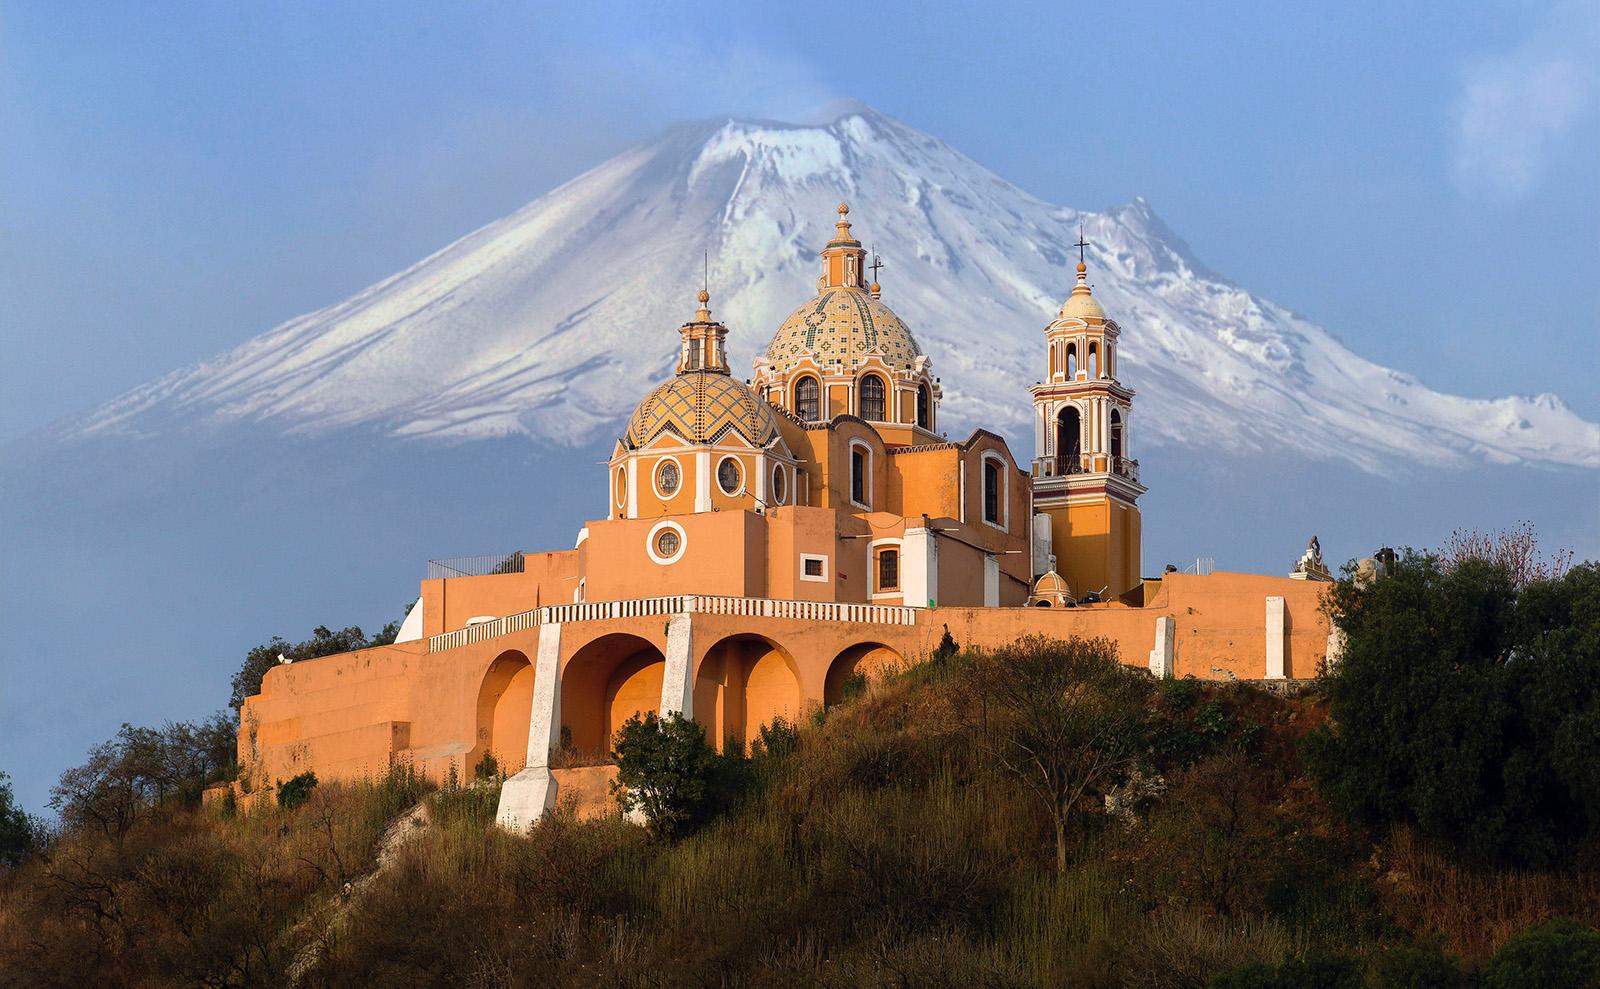 peach-colored Santuario de la Virgen de los Remedios church with domes in San Pedro Cholula, Mexico